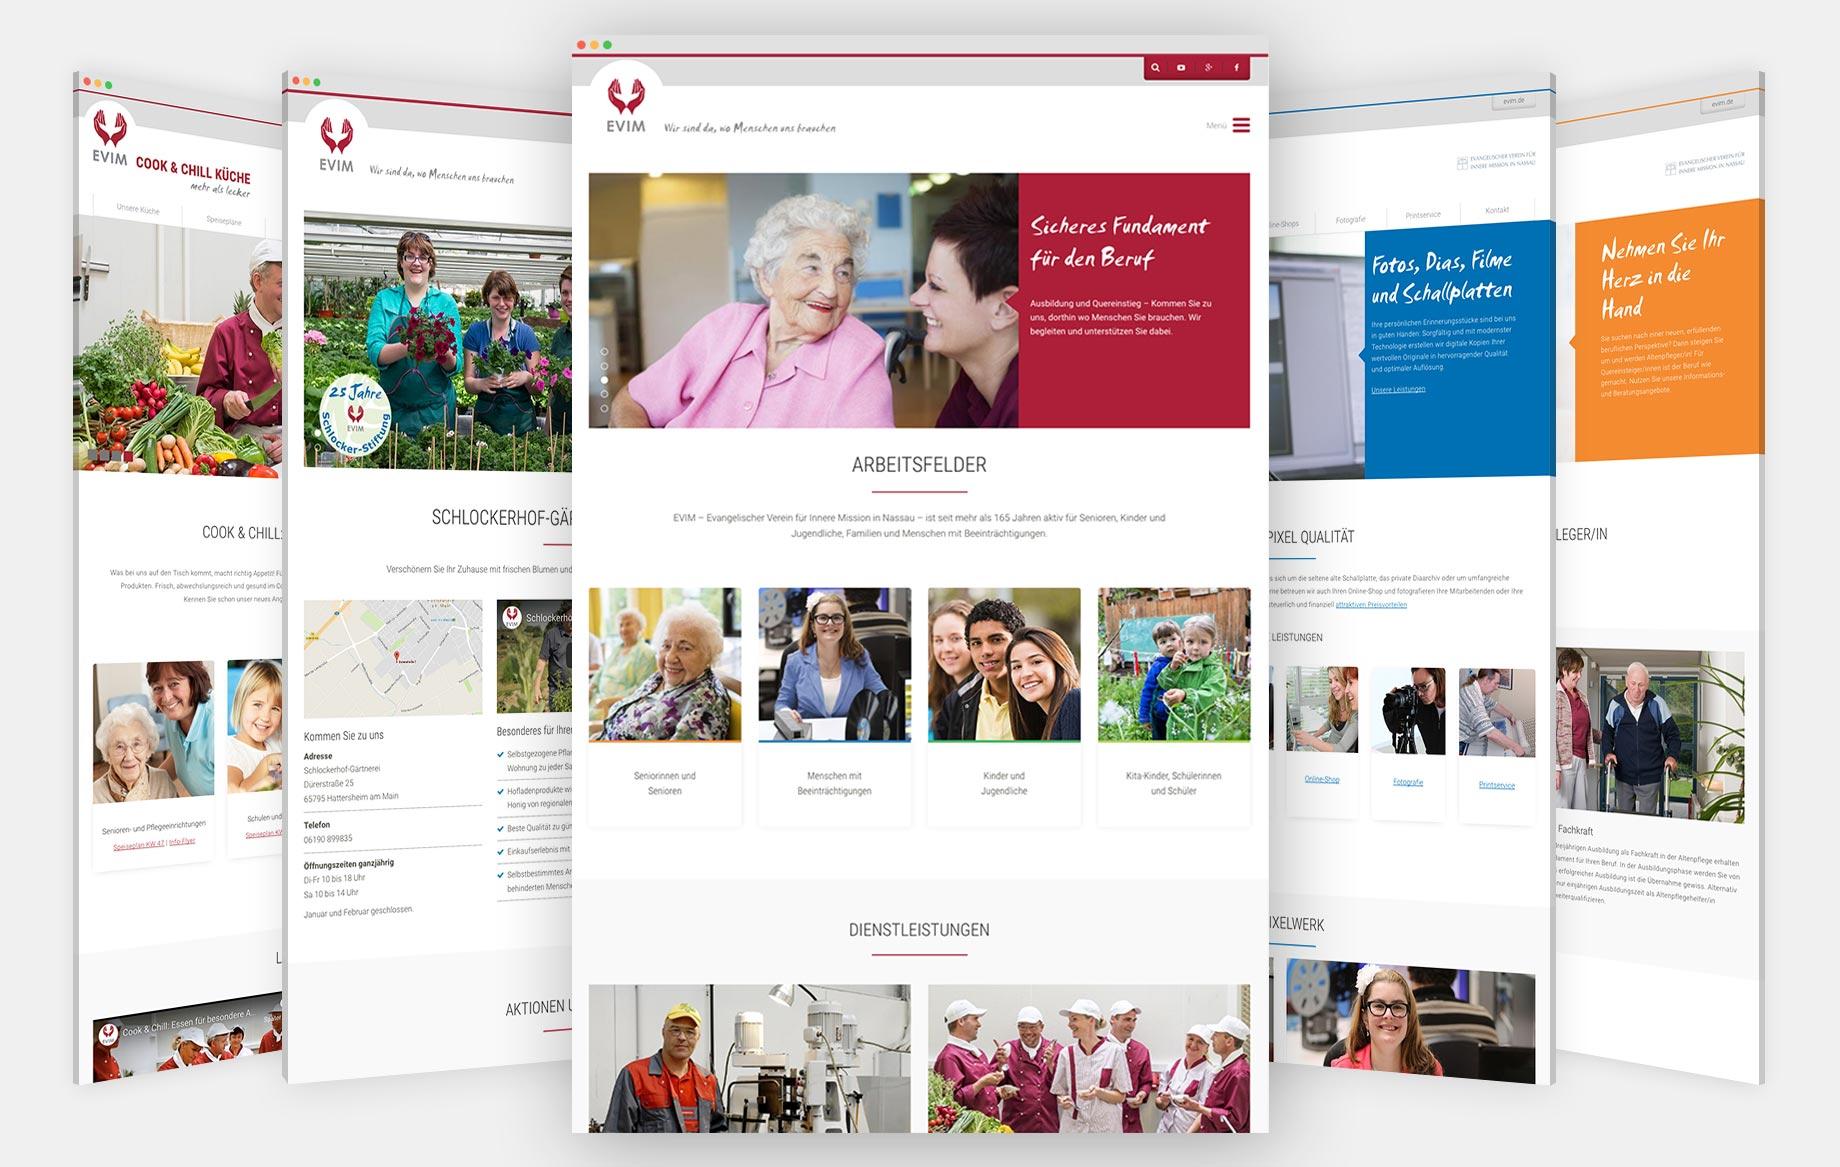 Hauptseite evim.de und Microsites für spezifische Angebote und Zielgruppen